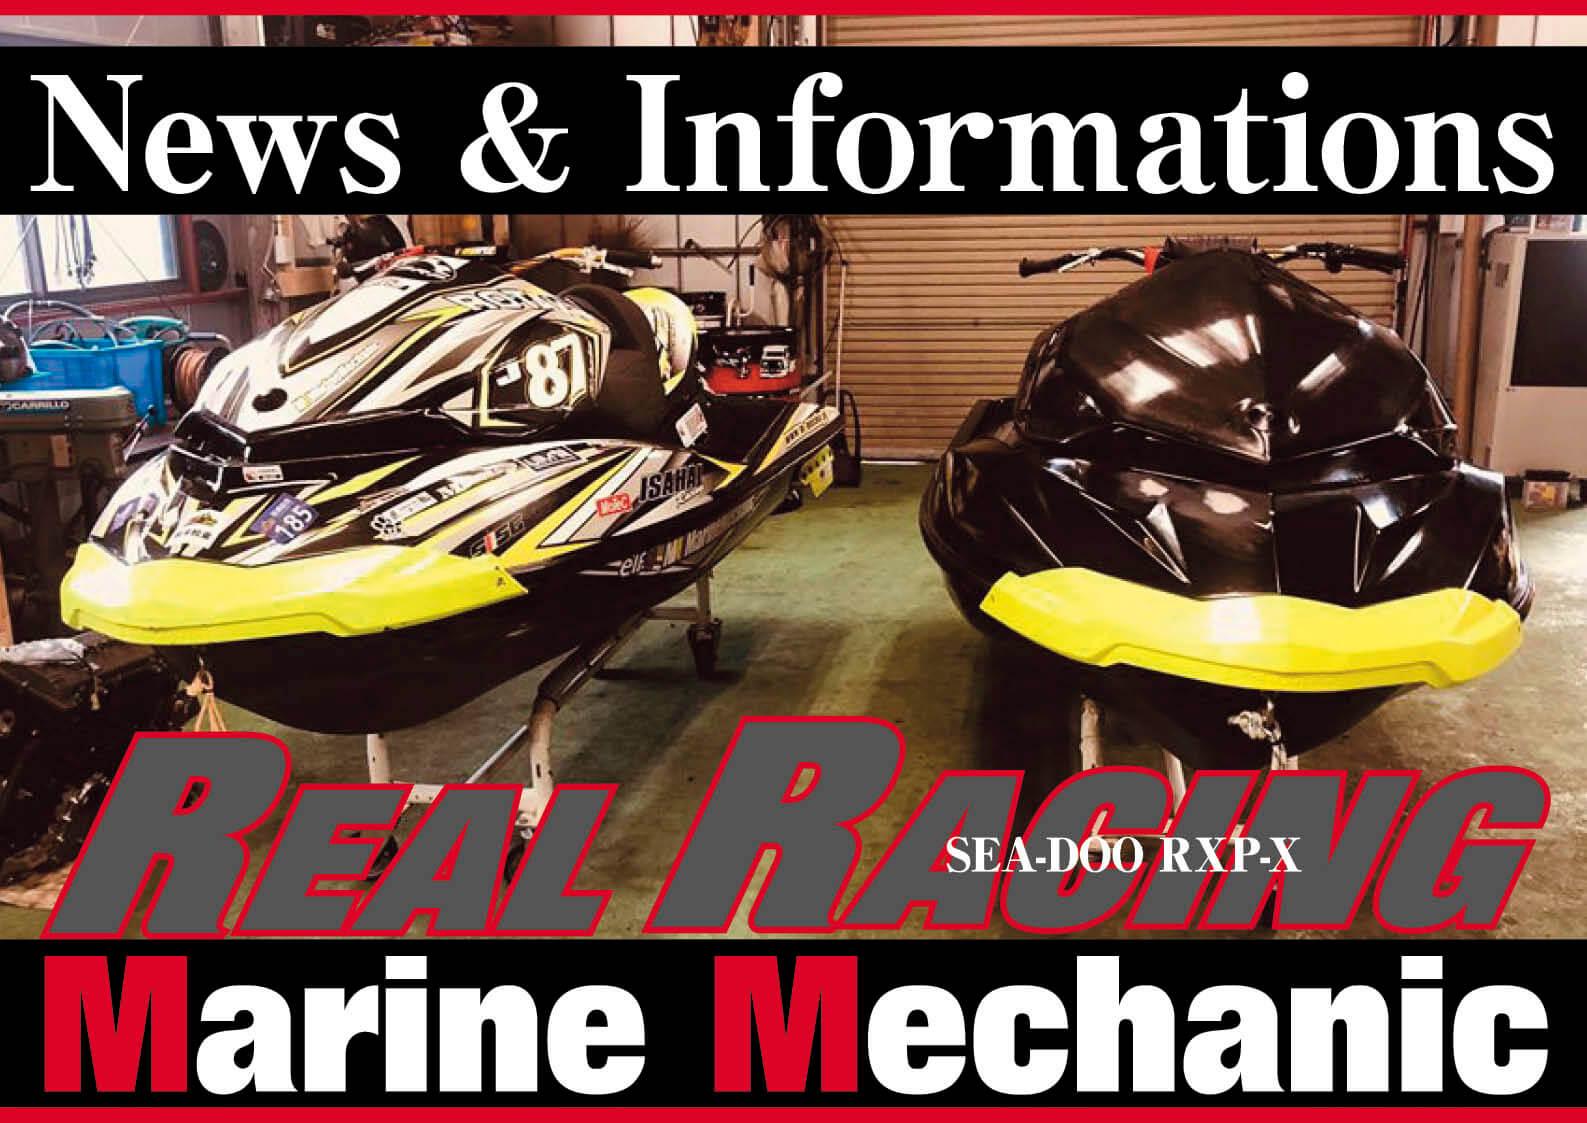 世界的レーシングマシンビルダー マリンメカニック「RXP用 レーシングフード、マイナーチェンジ」発表 ジェットスキー(水上バイク)